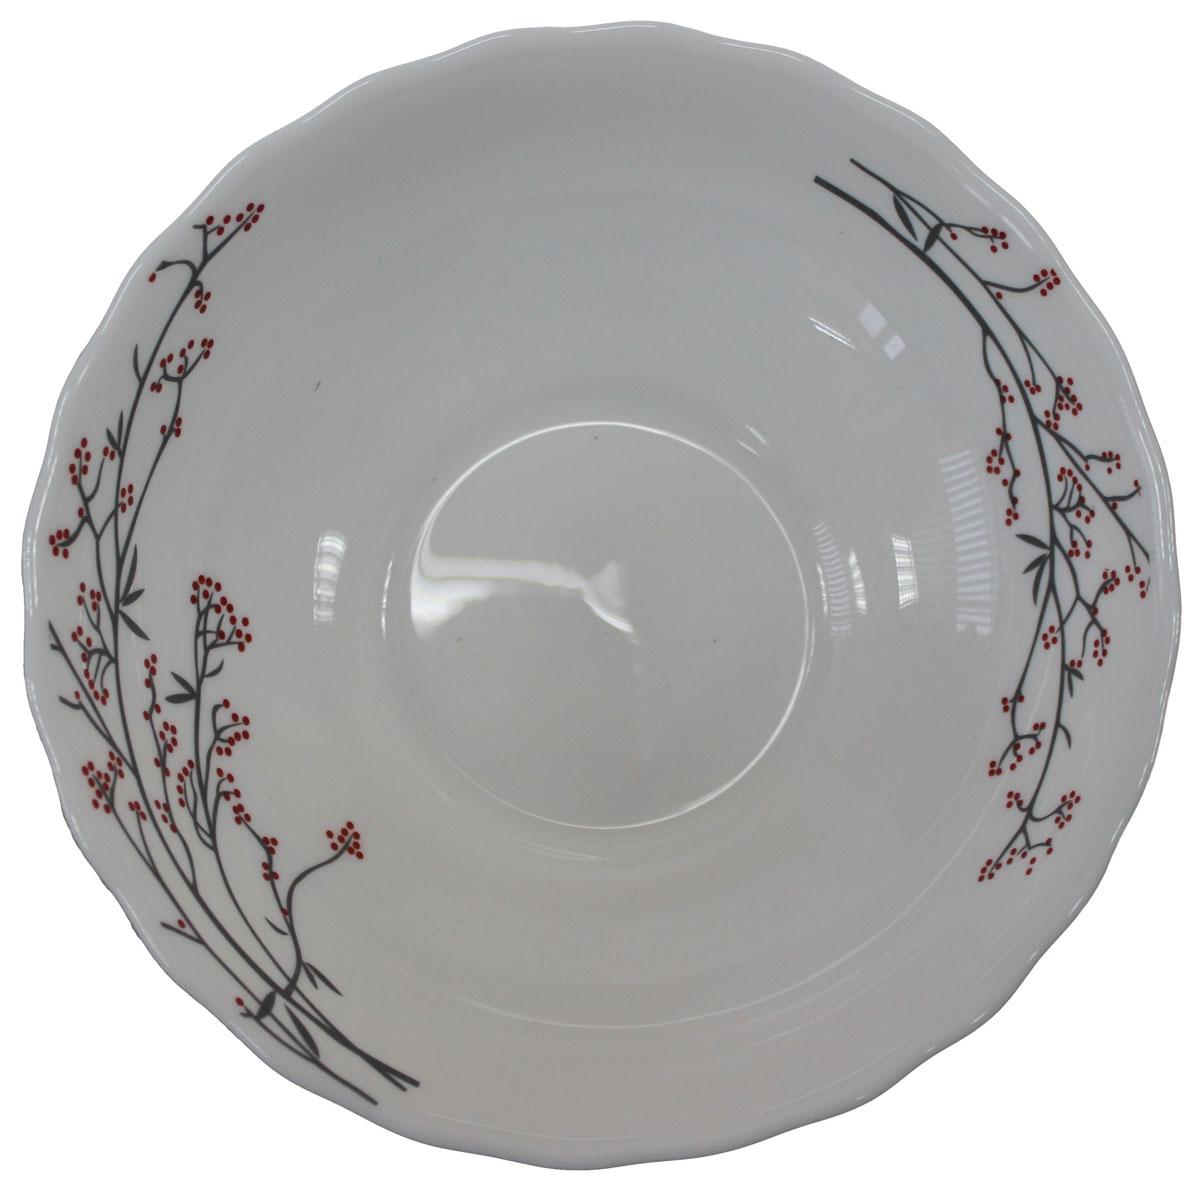 Салатник Марисса, 15,5 см. 818941818941Салатник Марисса выполнен из опалового стекла и оформлен цветочным принтом. Салатник можно использовать как суповую тарелку.